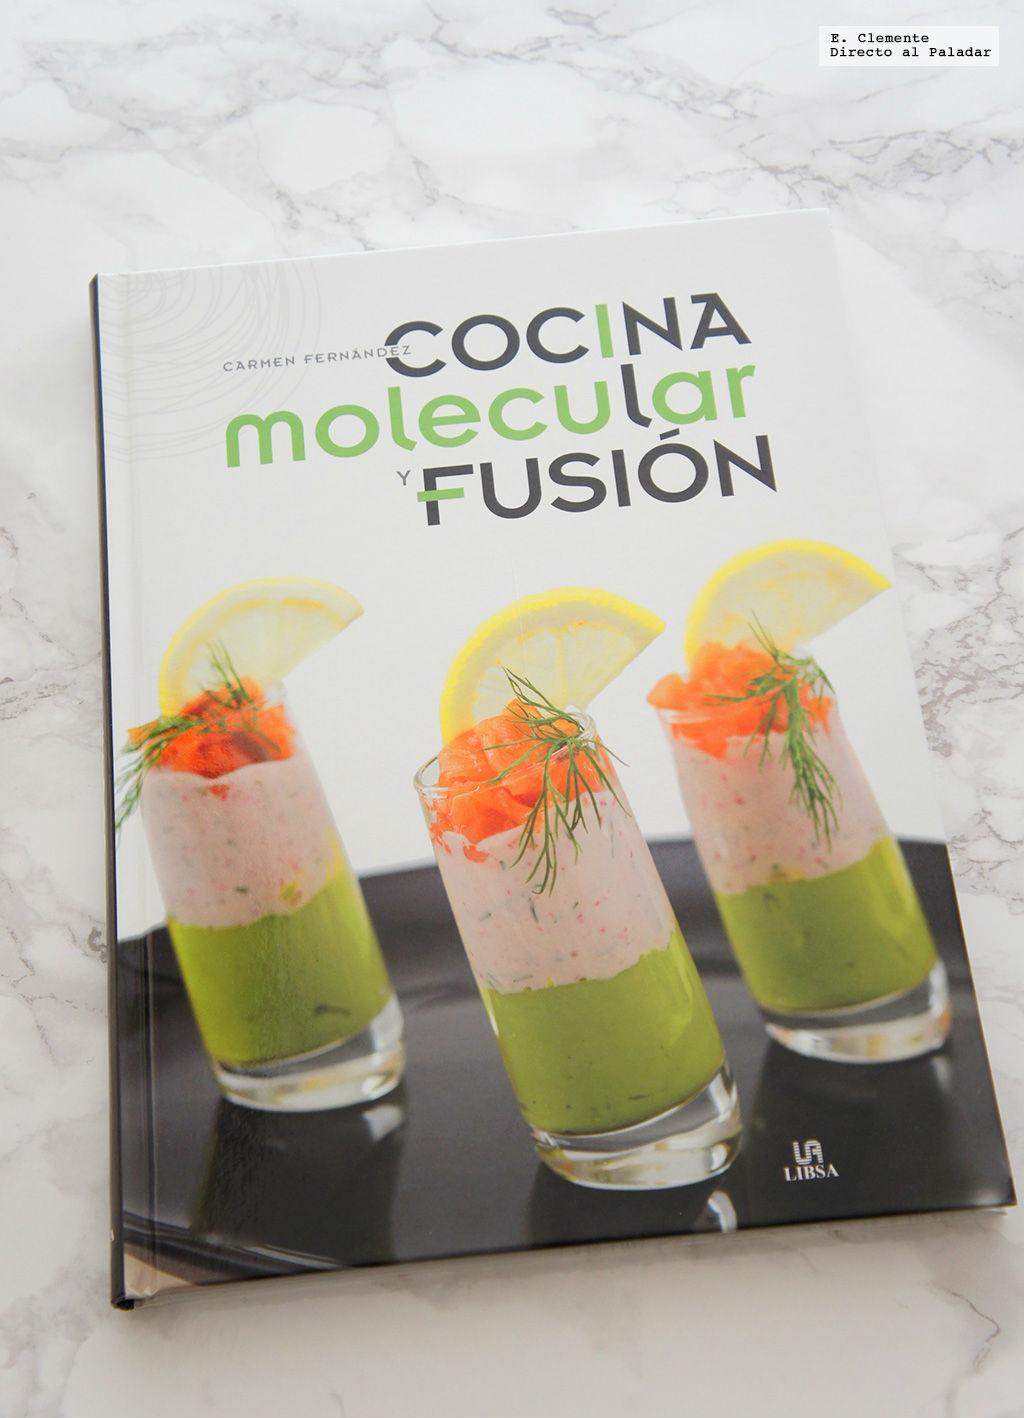 Cocina molecular y fusi n libro de cocina for Libros de cocina molecular